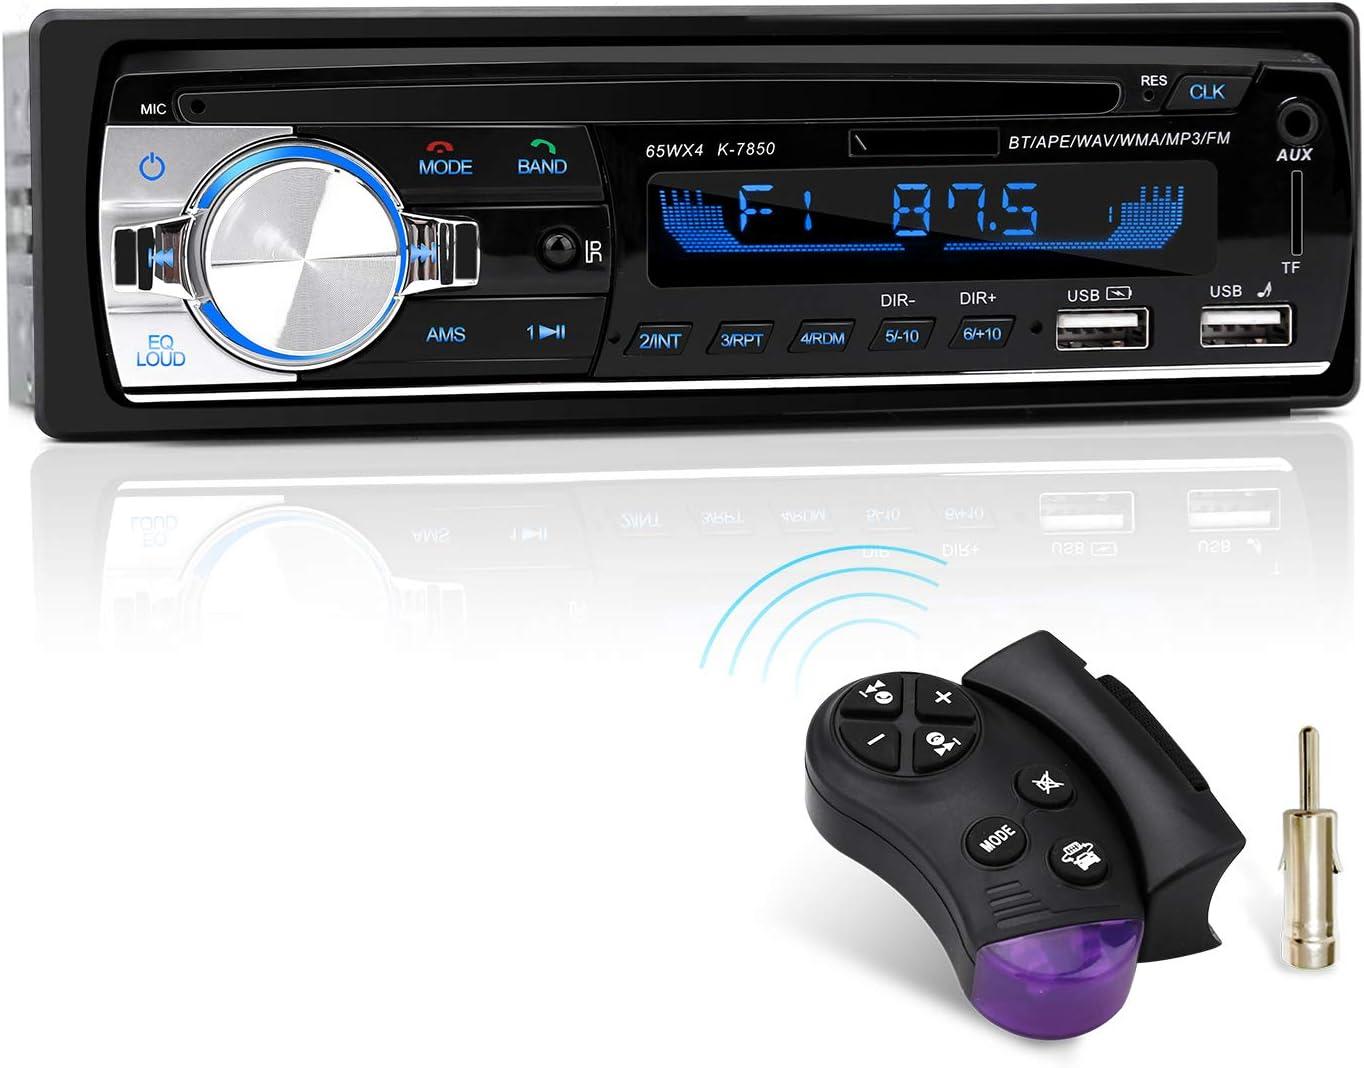 Autoradio Mit Bluetooth Freisprecheinrichtung Und Lenkrad Fernbedienung 1 Din Autoradio Mp3 Player Fm Radio 2 Usb Anschlüsse Für Musikspielen Und Aufladen Elektronik